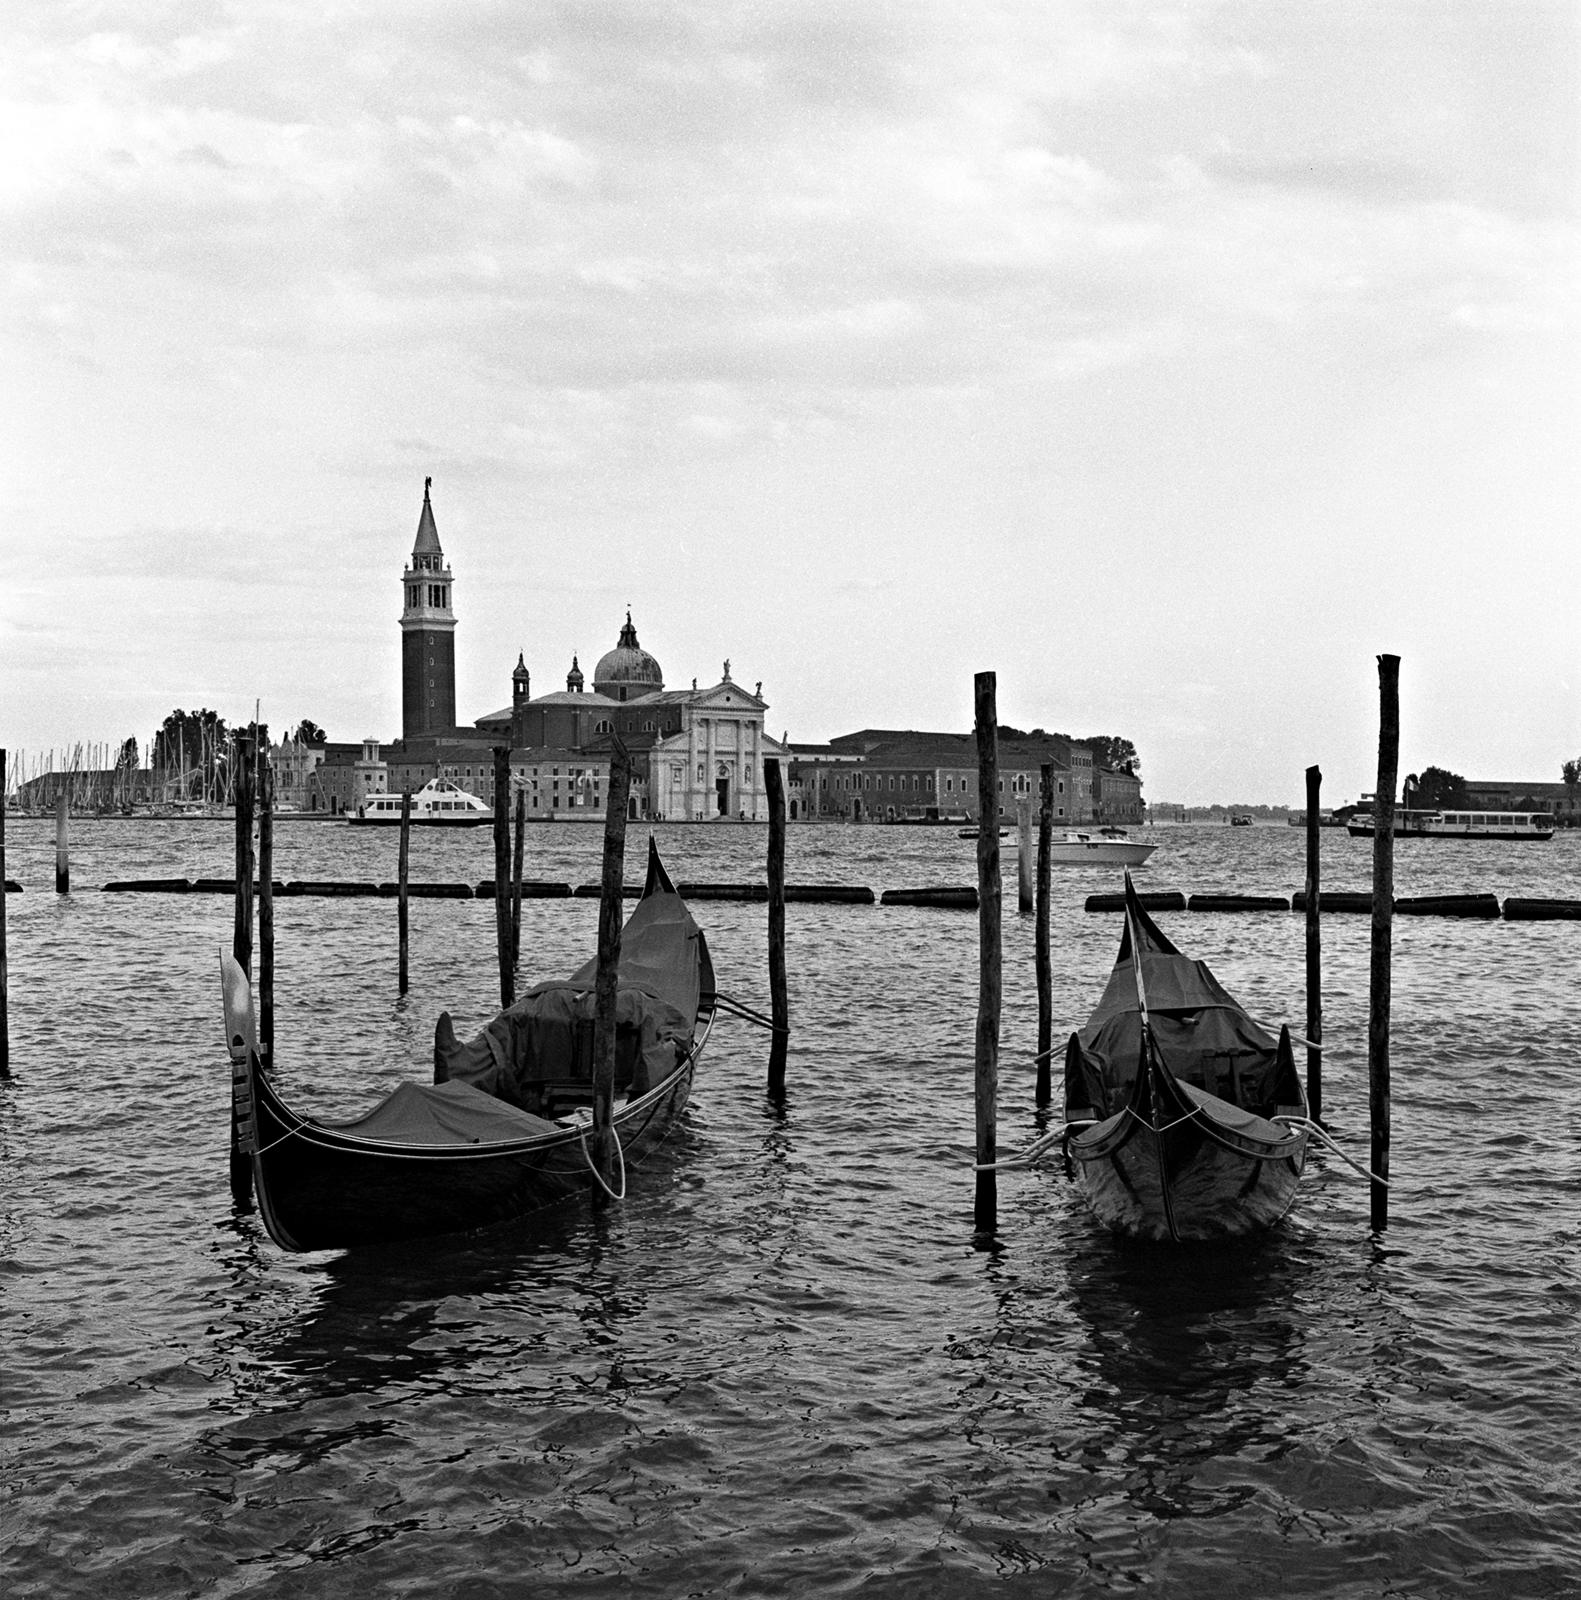 Venice-r1-001.jpg